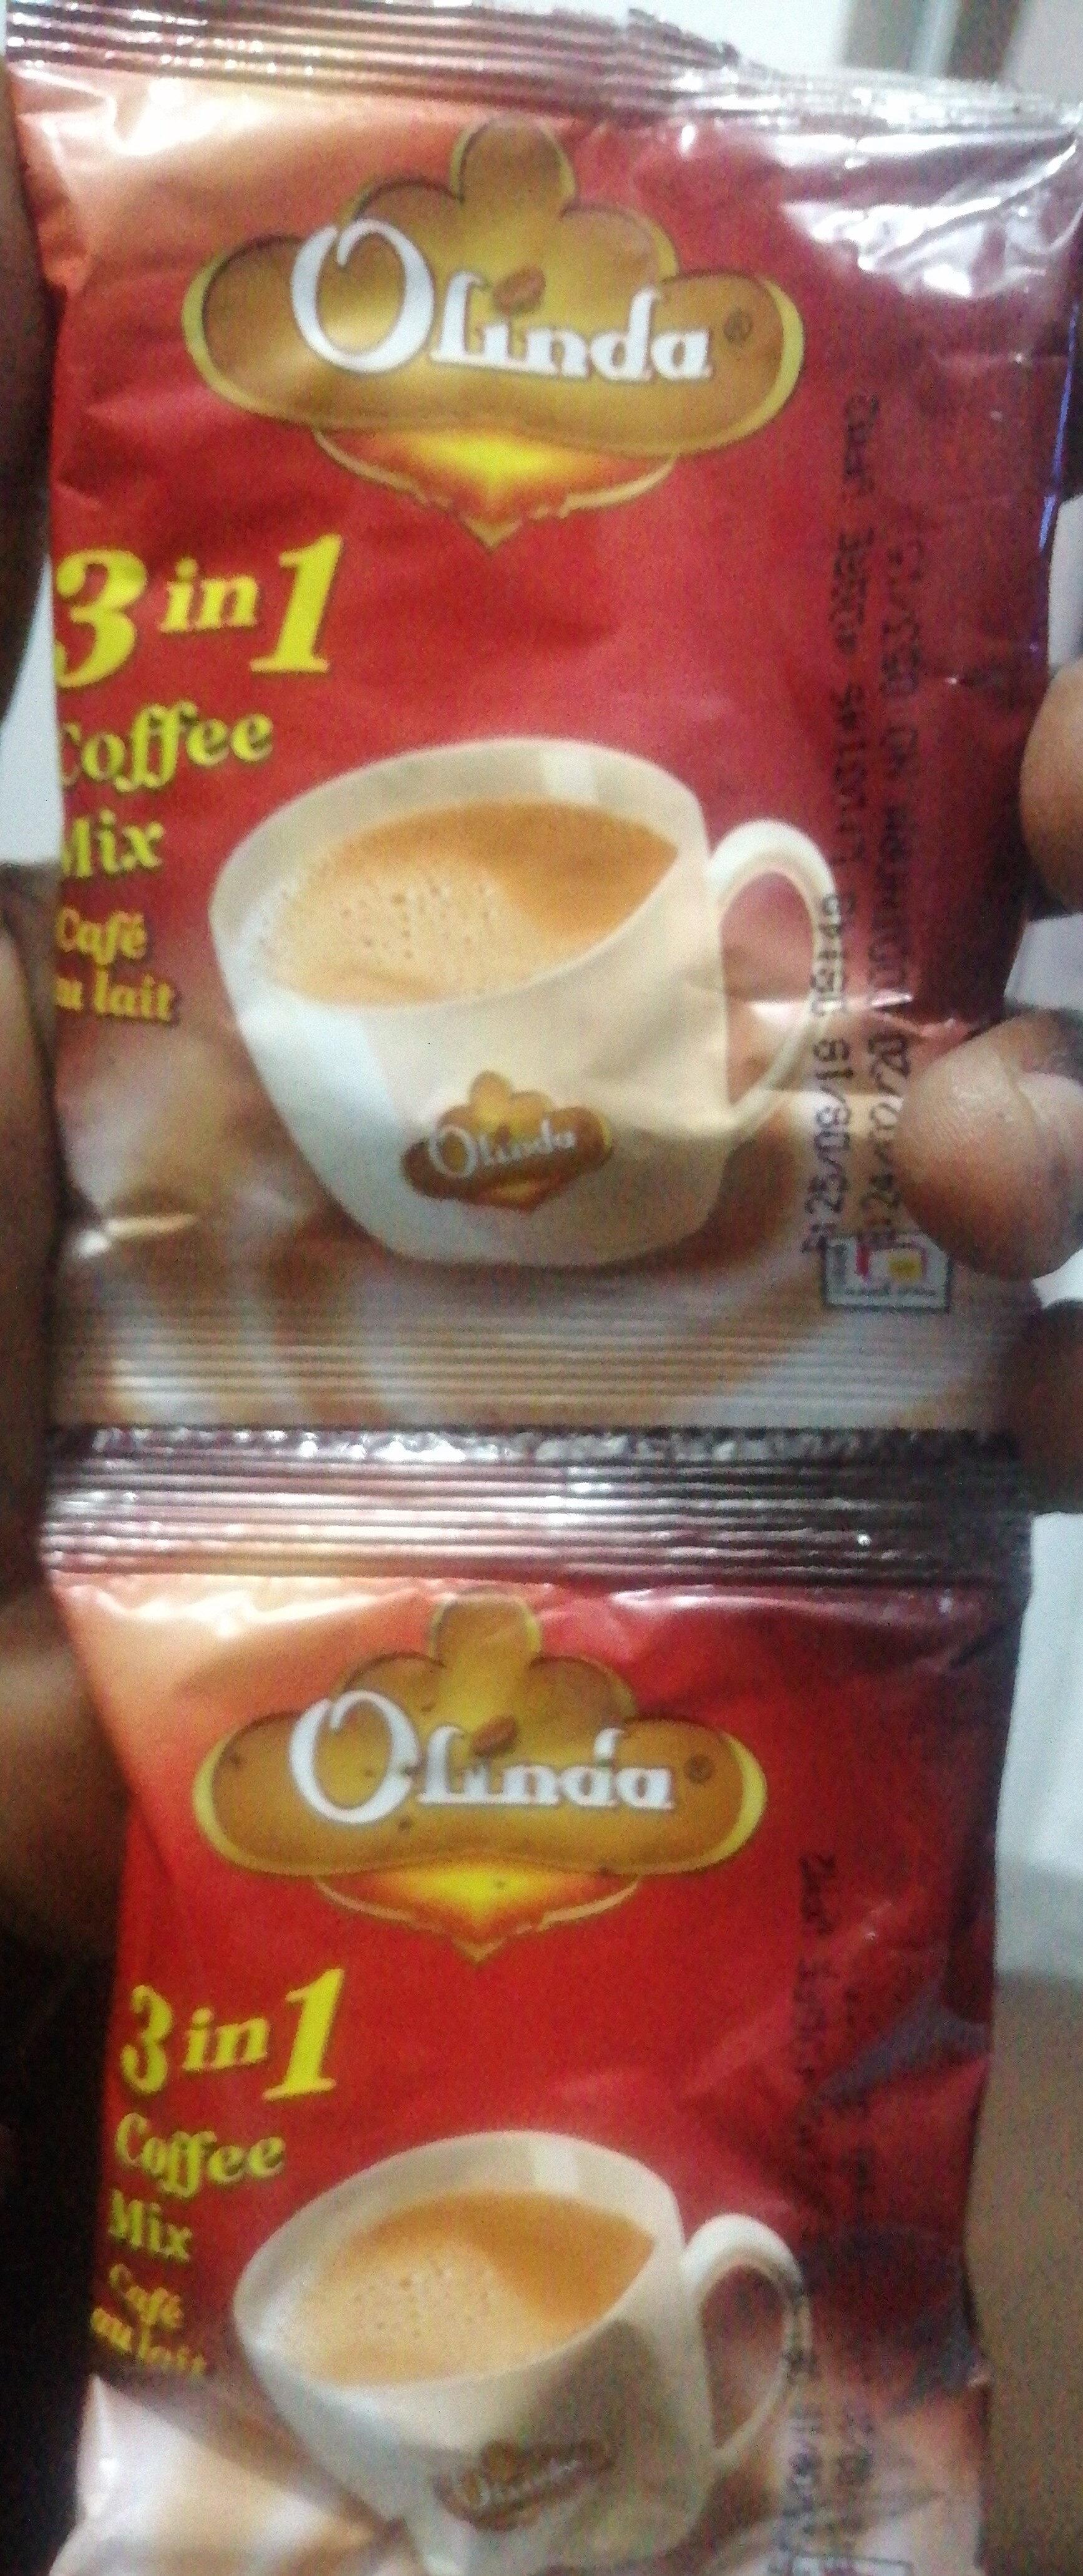 Olinda - Product